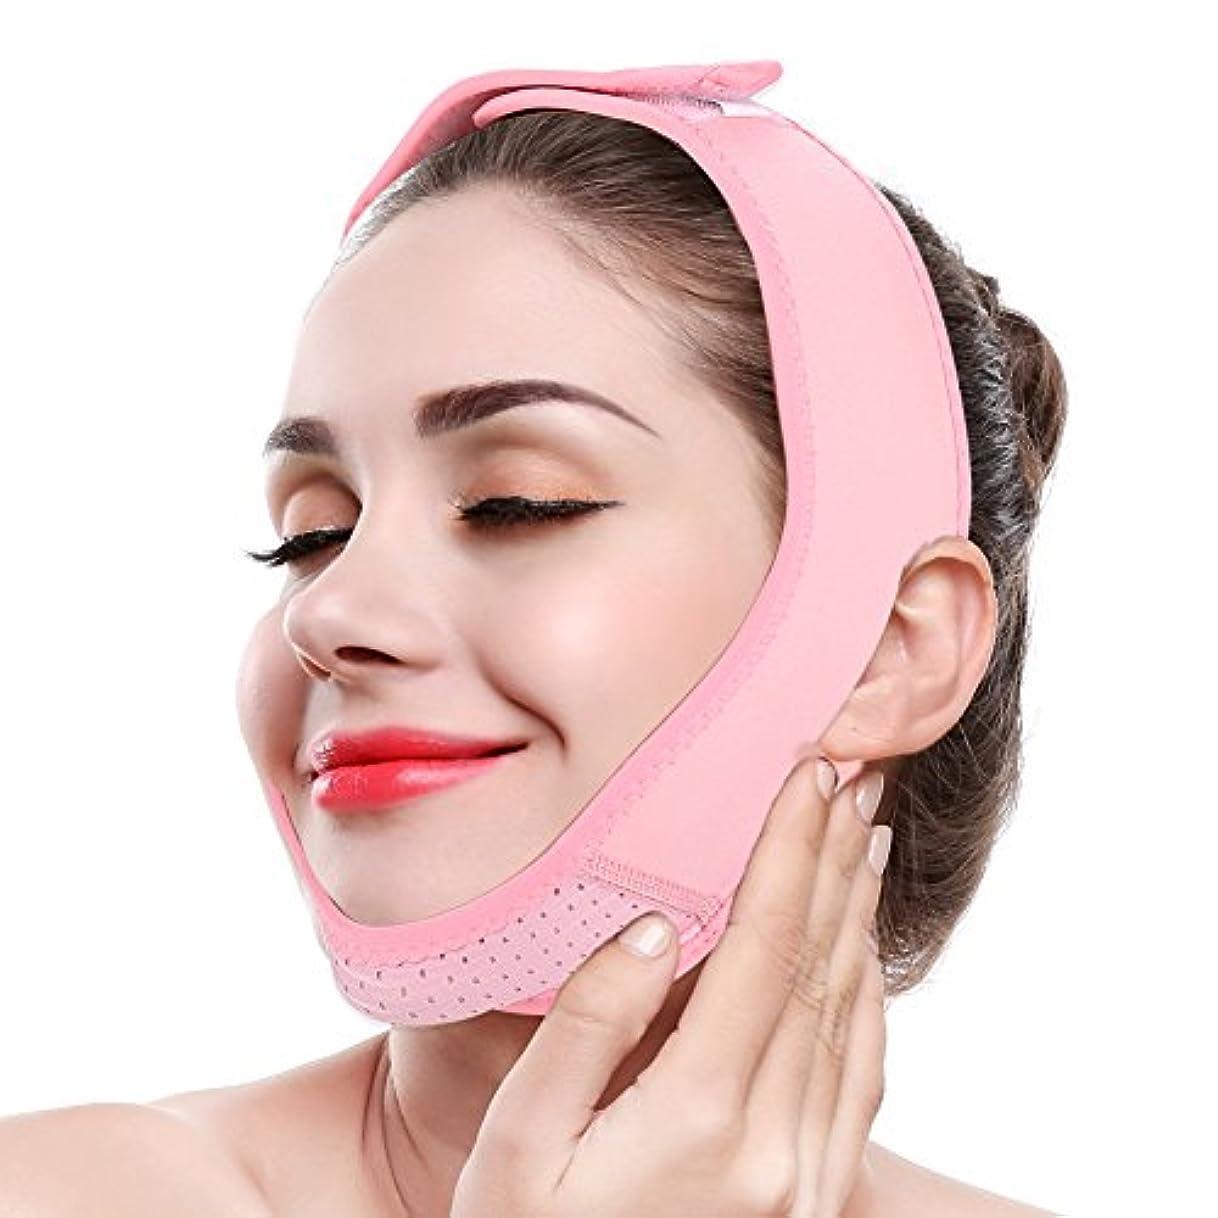 眩惑する廃棄するアルバムSoarUp フェイスベルト 引き上げマスク フェイスラインベルト 小顔 矯正 マスク 二重あご 美顔器